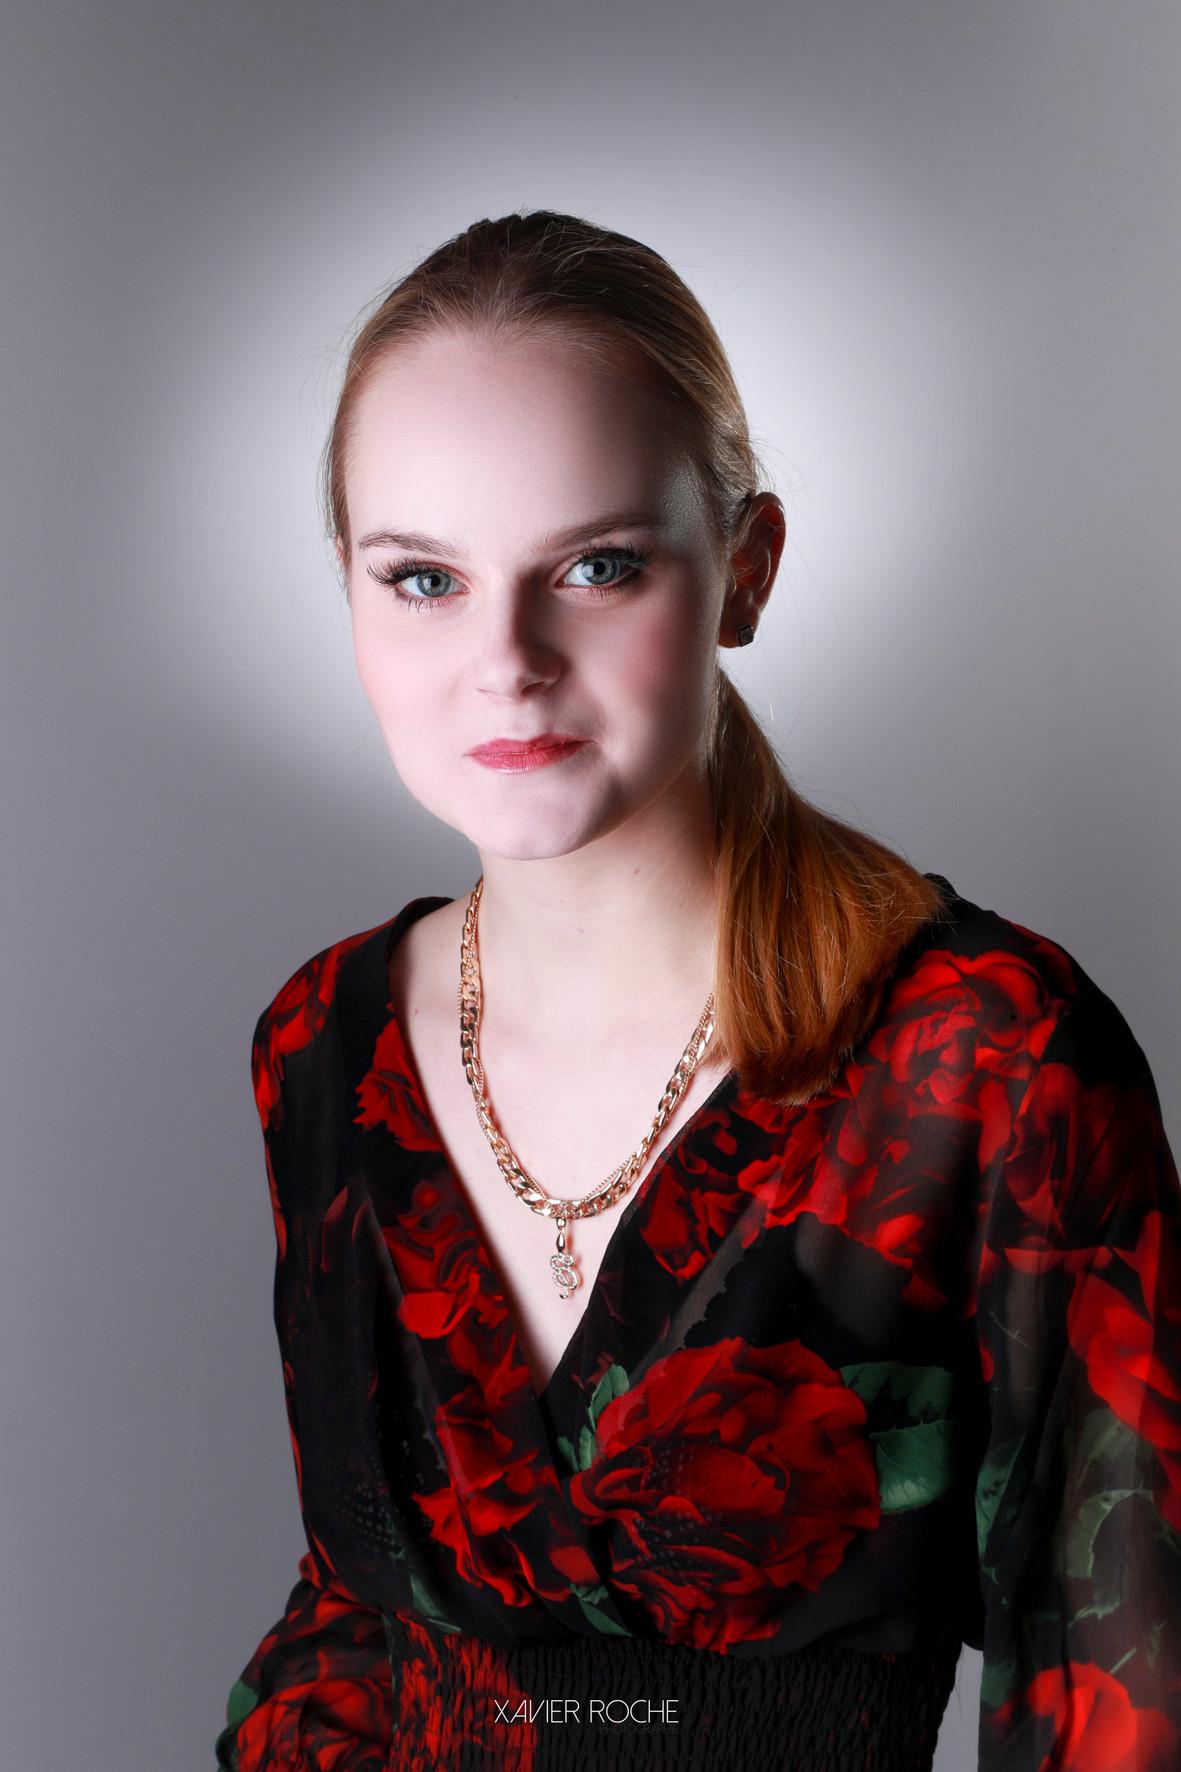 Séance photo portrait